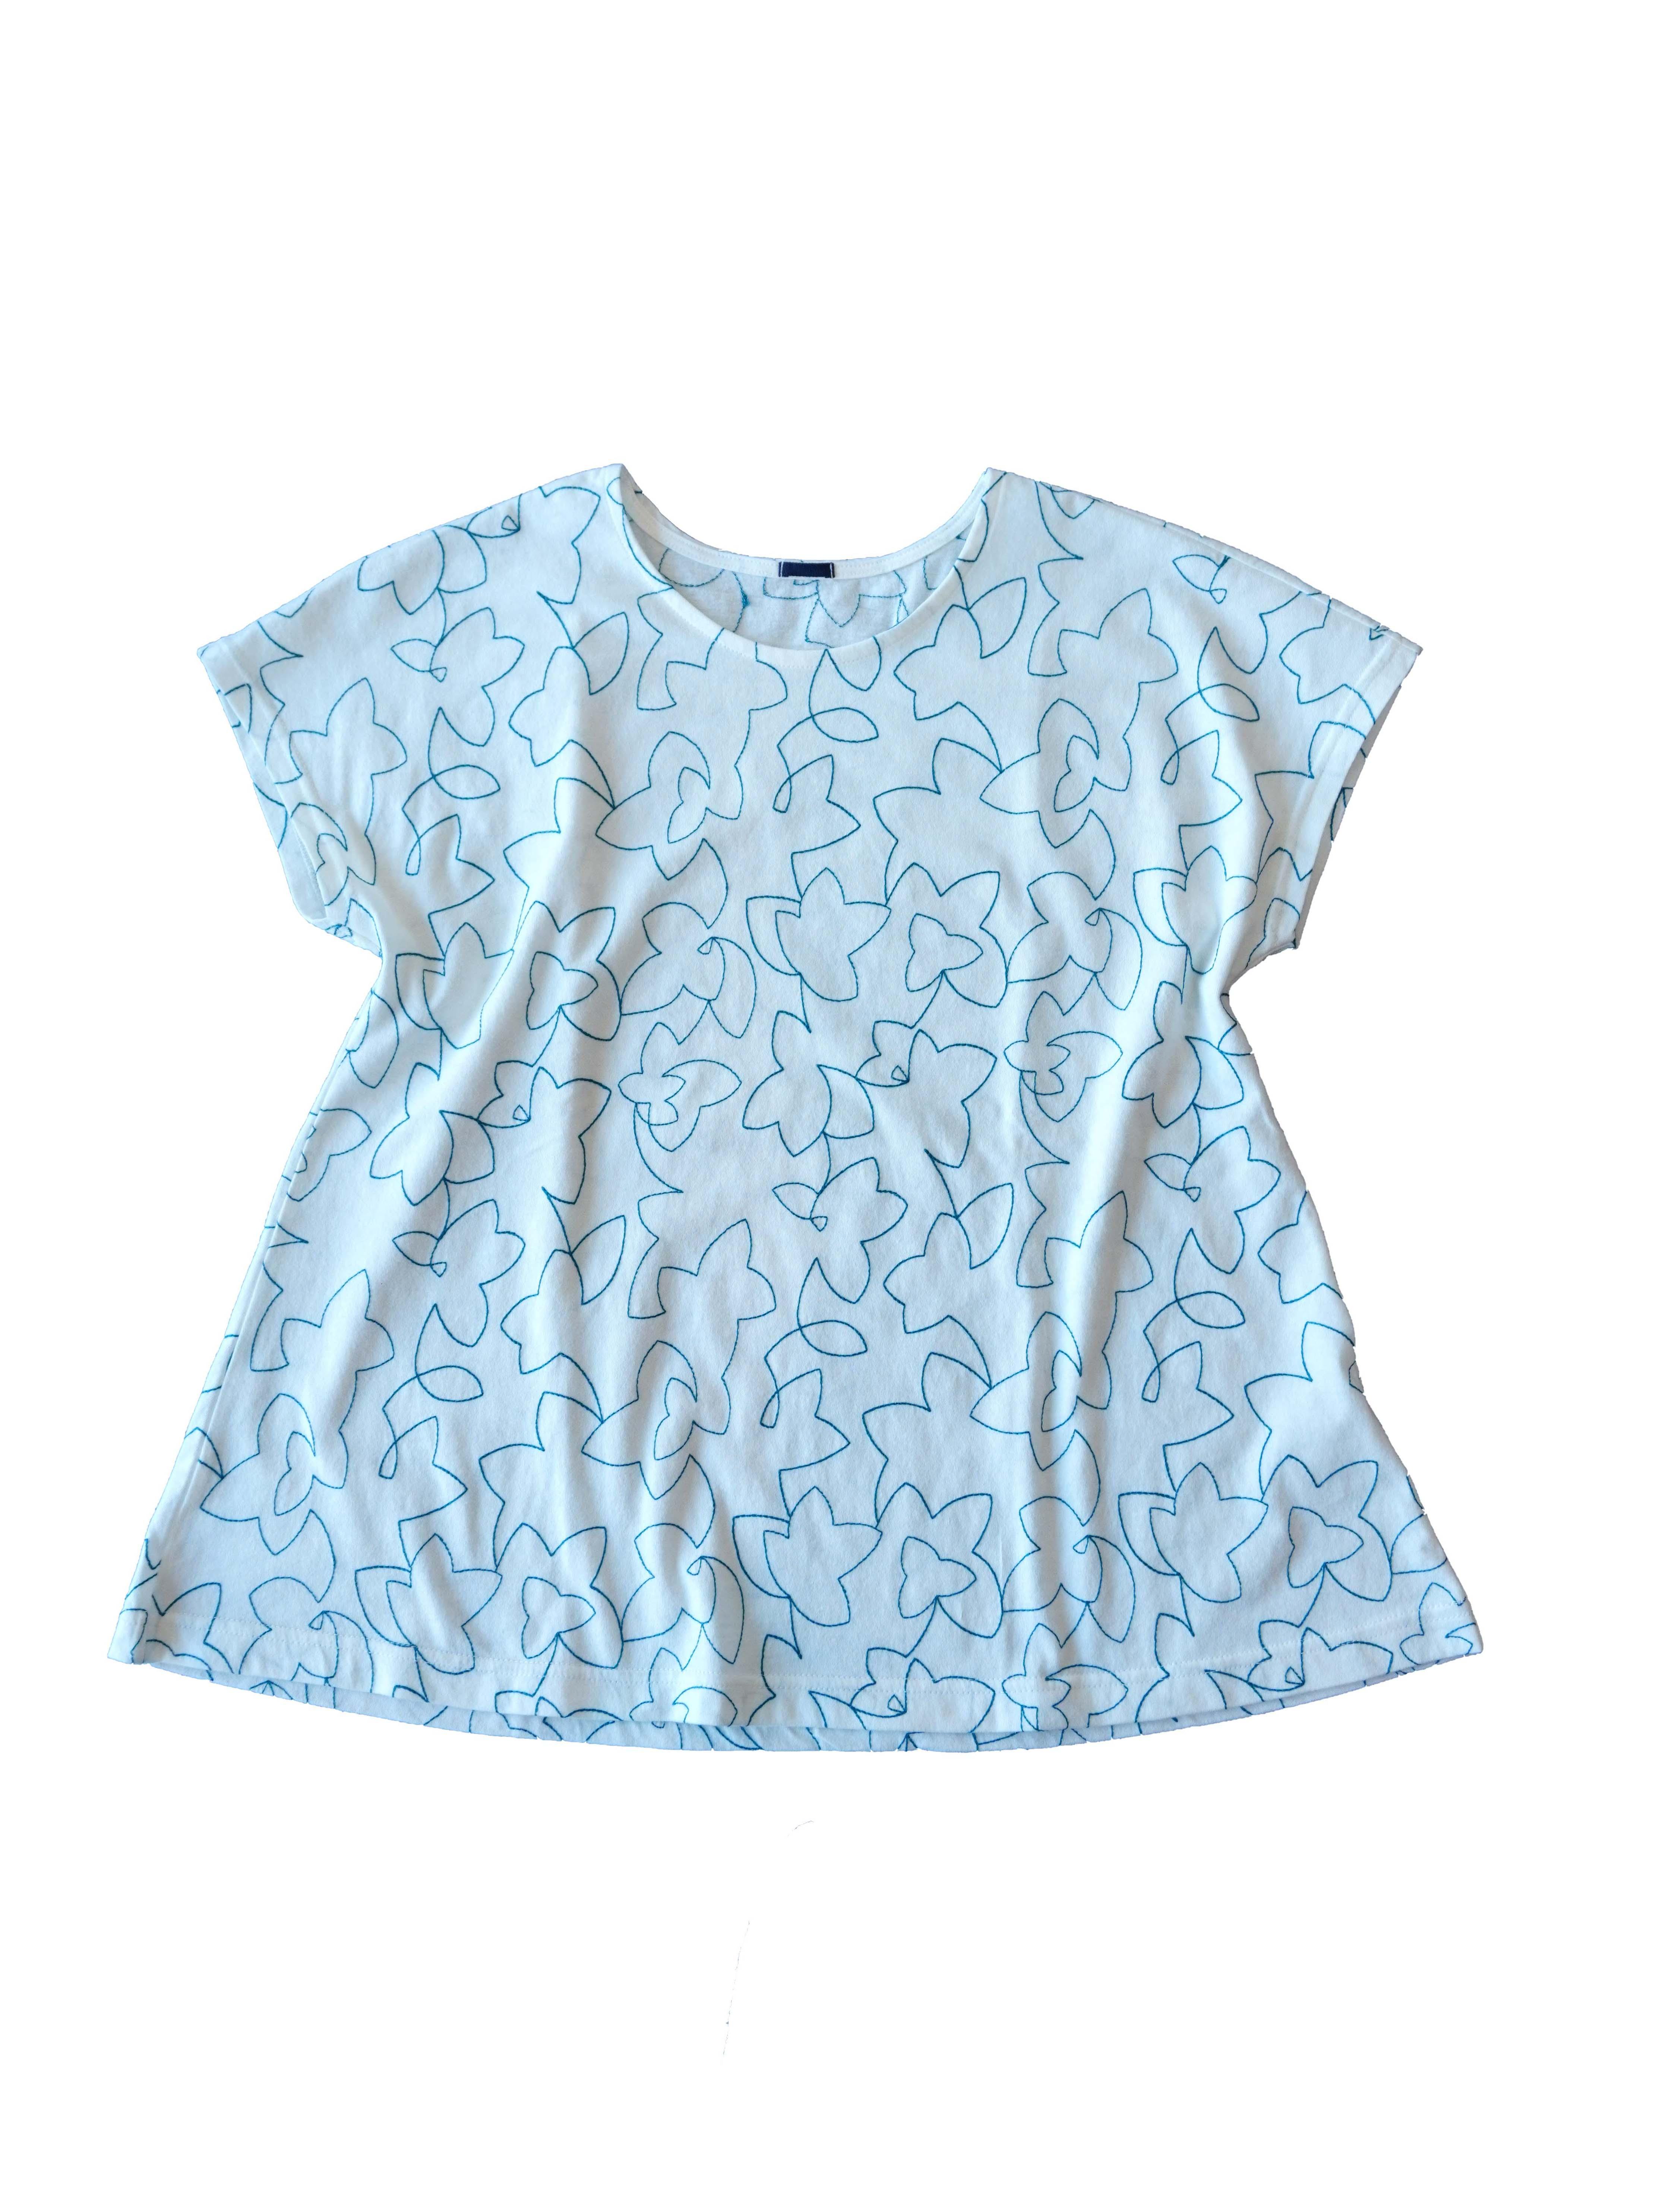 30/天竺白八汐柄刺繍フレアーTシャツ